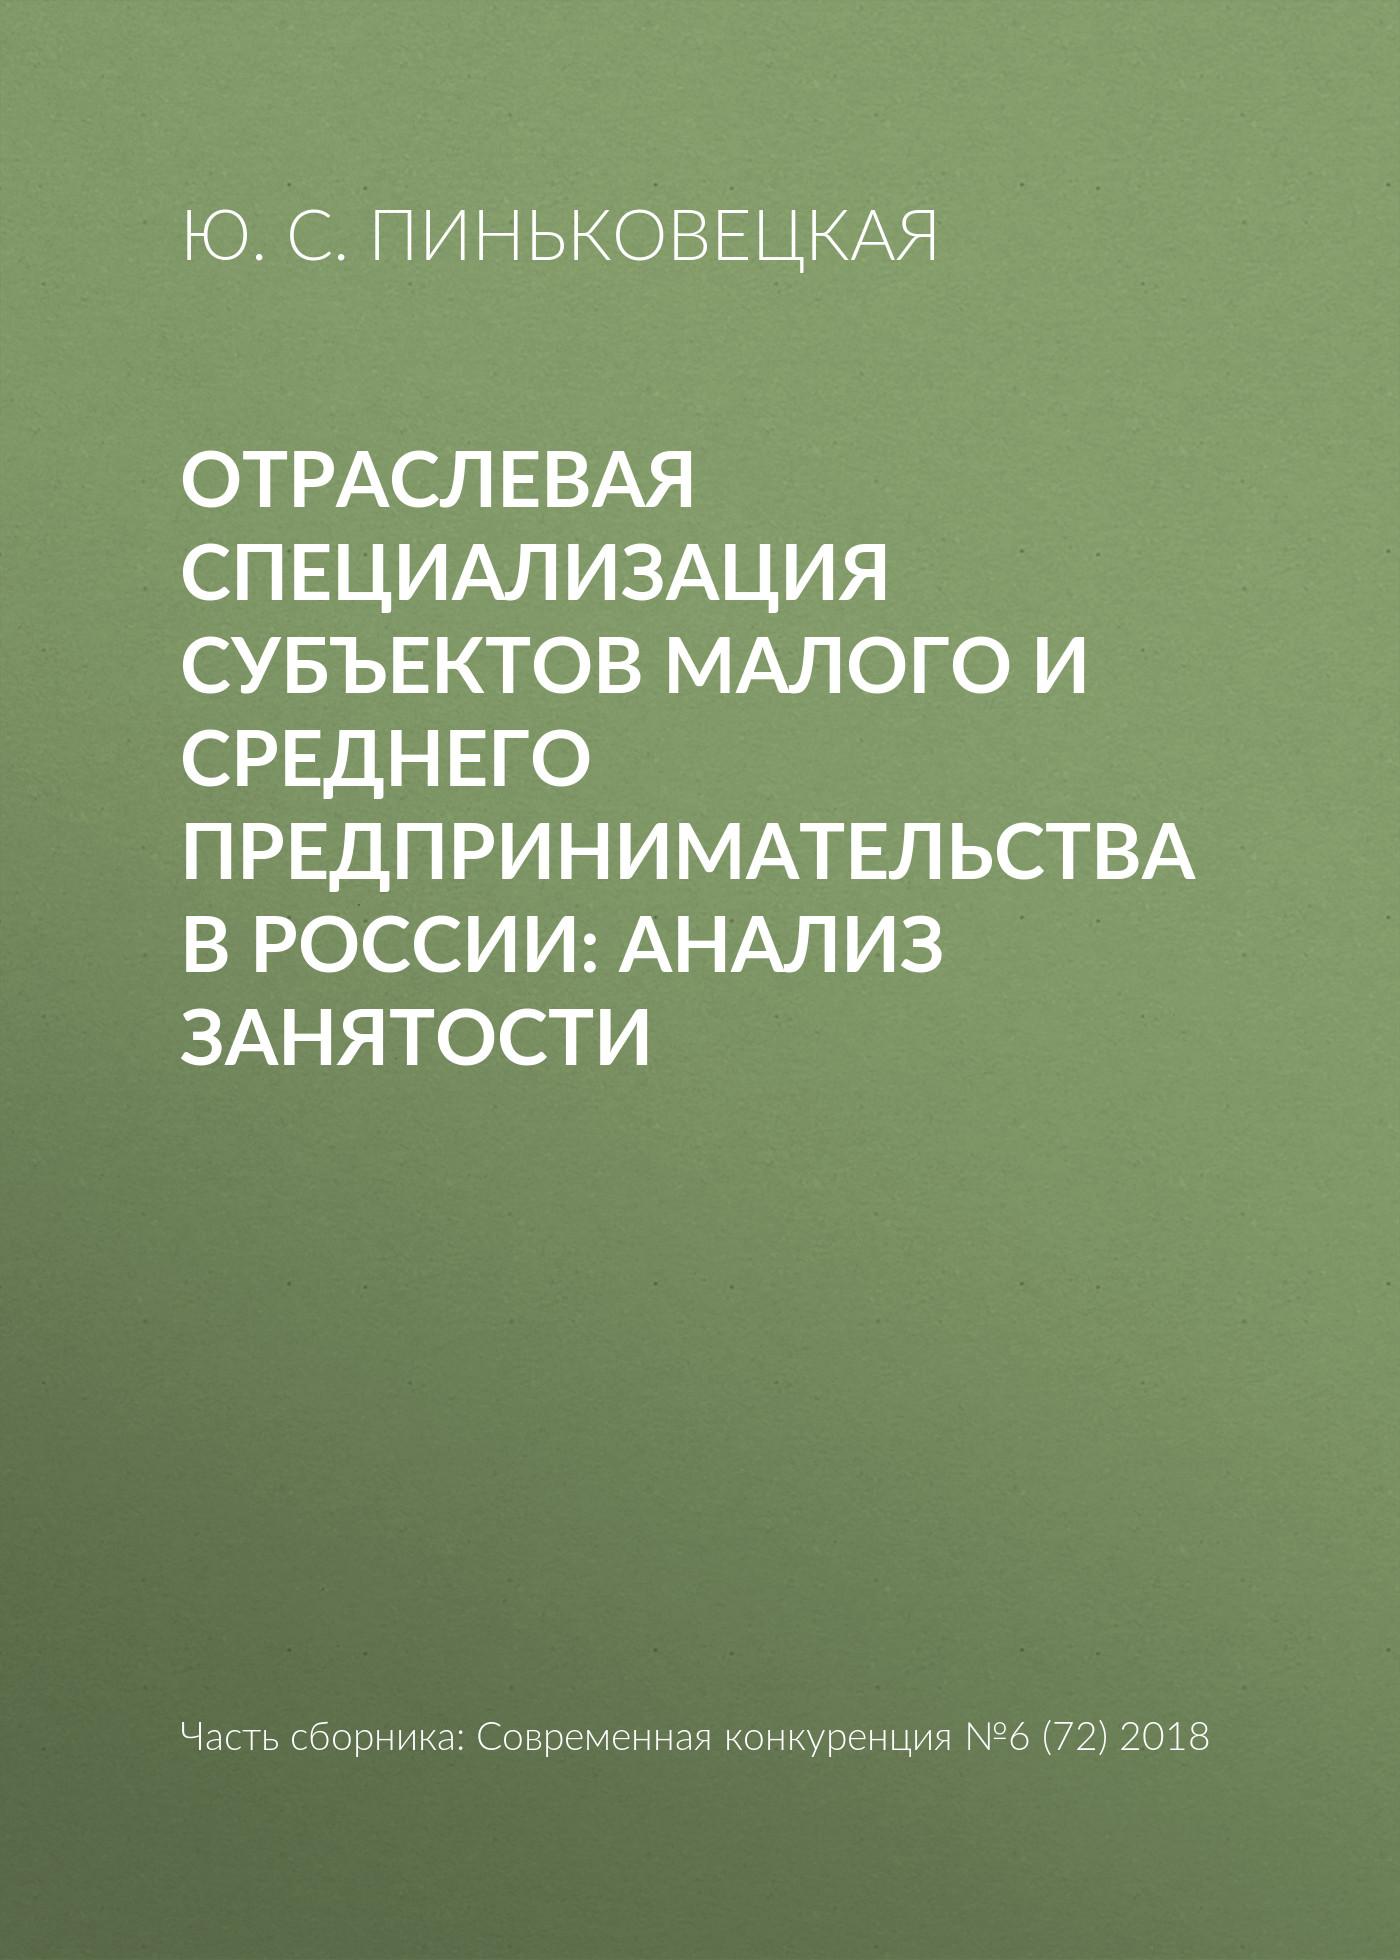 Отраслевая специализация субъектов малого и среднего предпринимательства в России: анализ занятости